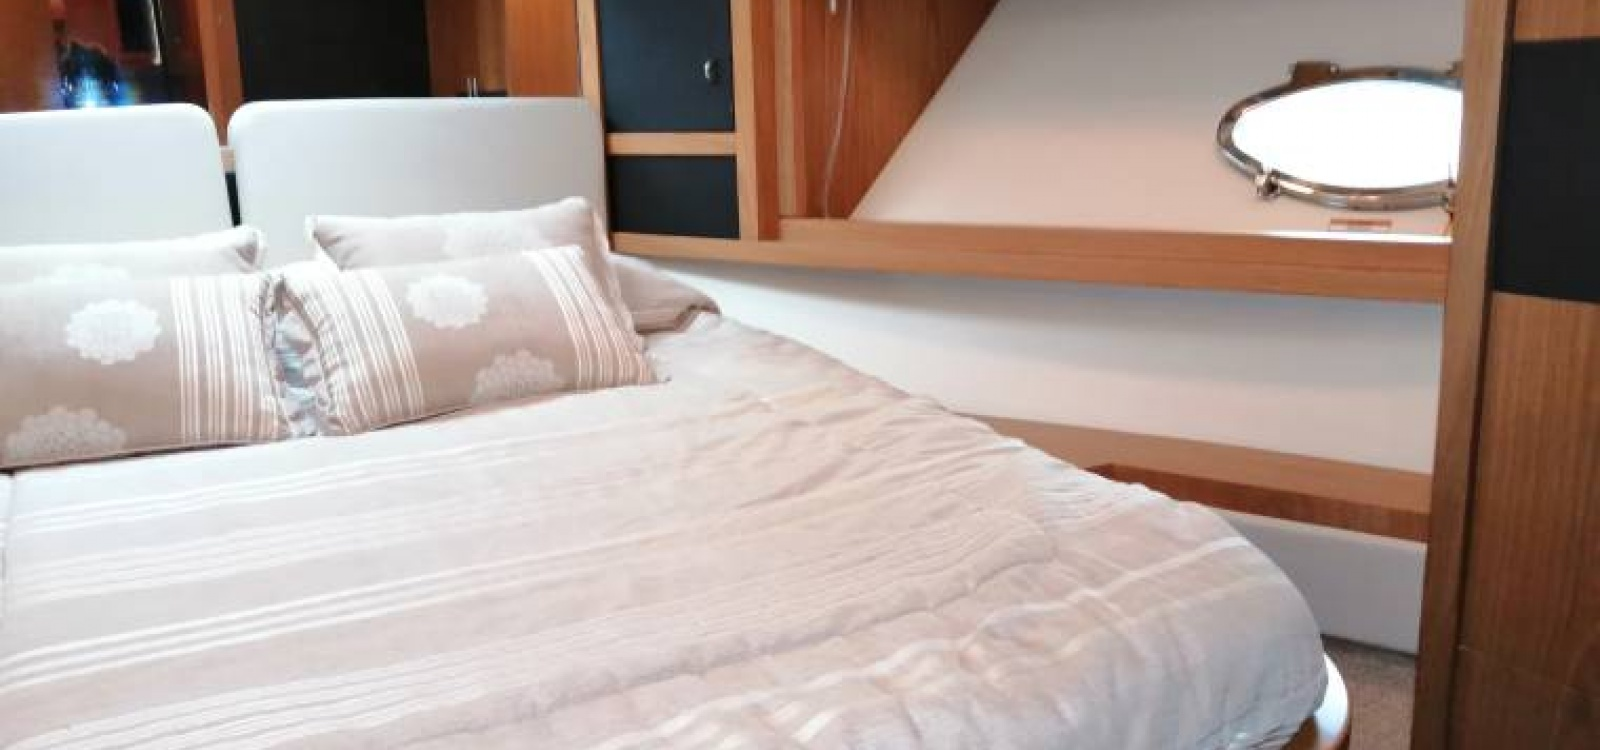 El Masnou,Barcelona,España,3 Habitaciones Habitaciones,2 LavabosLavabos,Barco a motor,2143